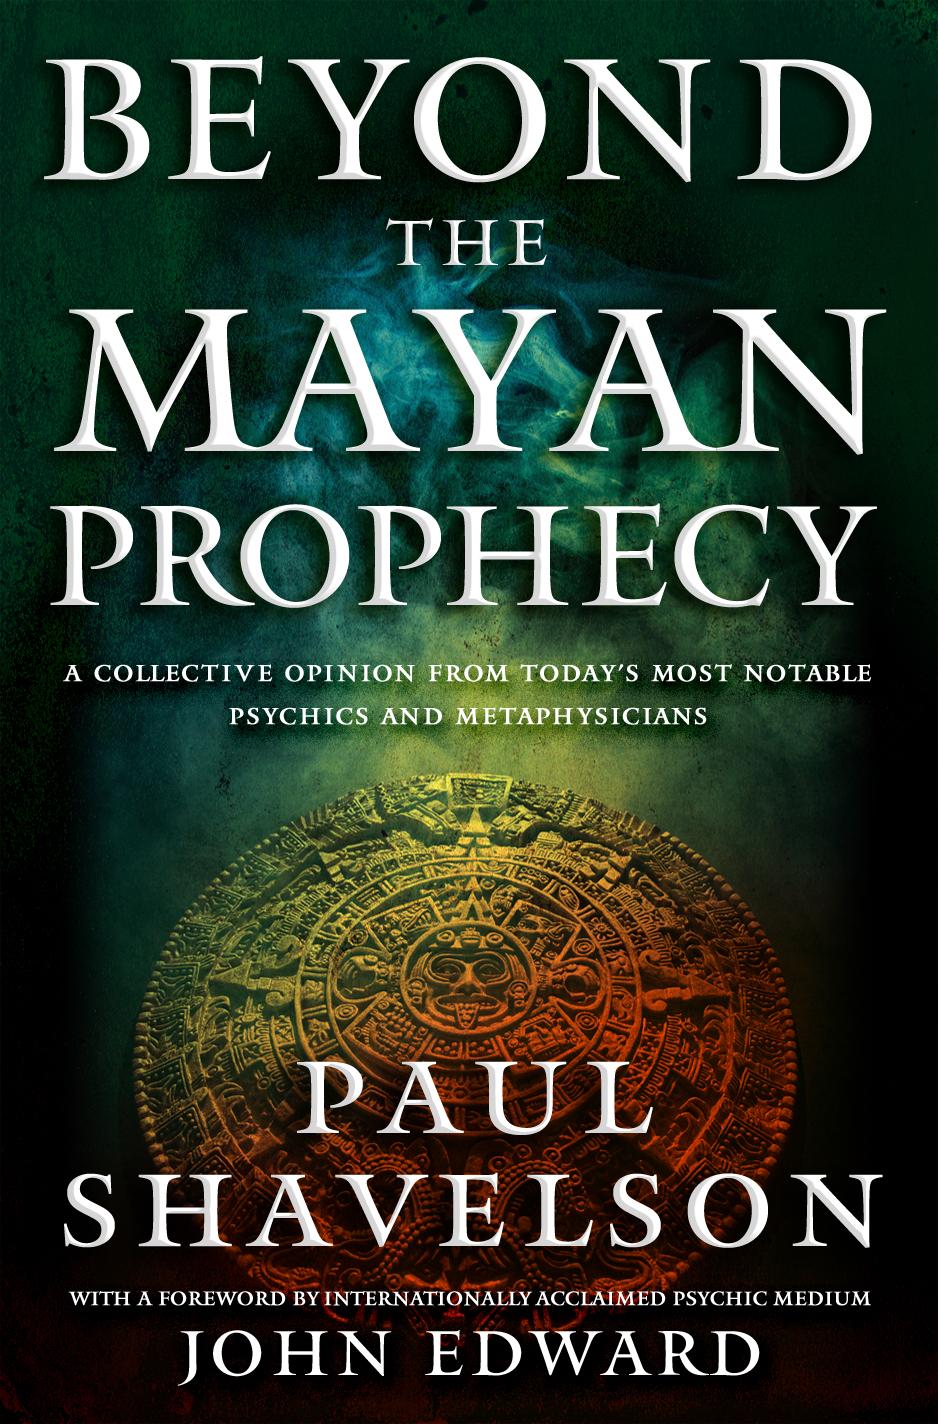 2012-11-18-BeyondMayan.jpg